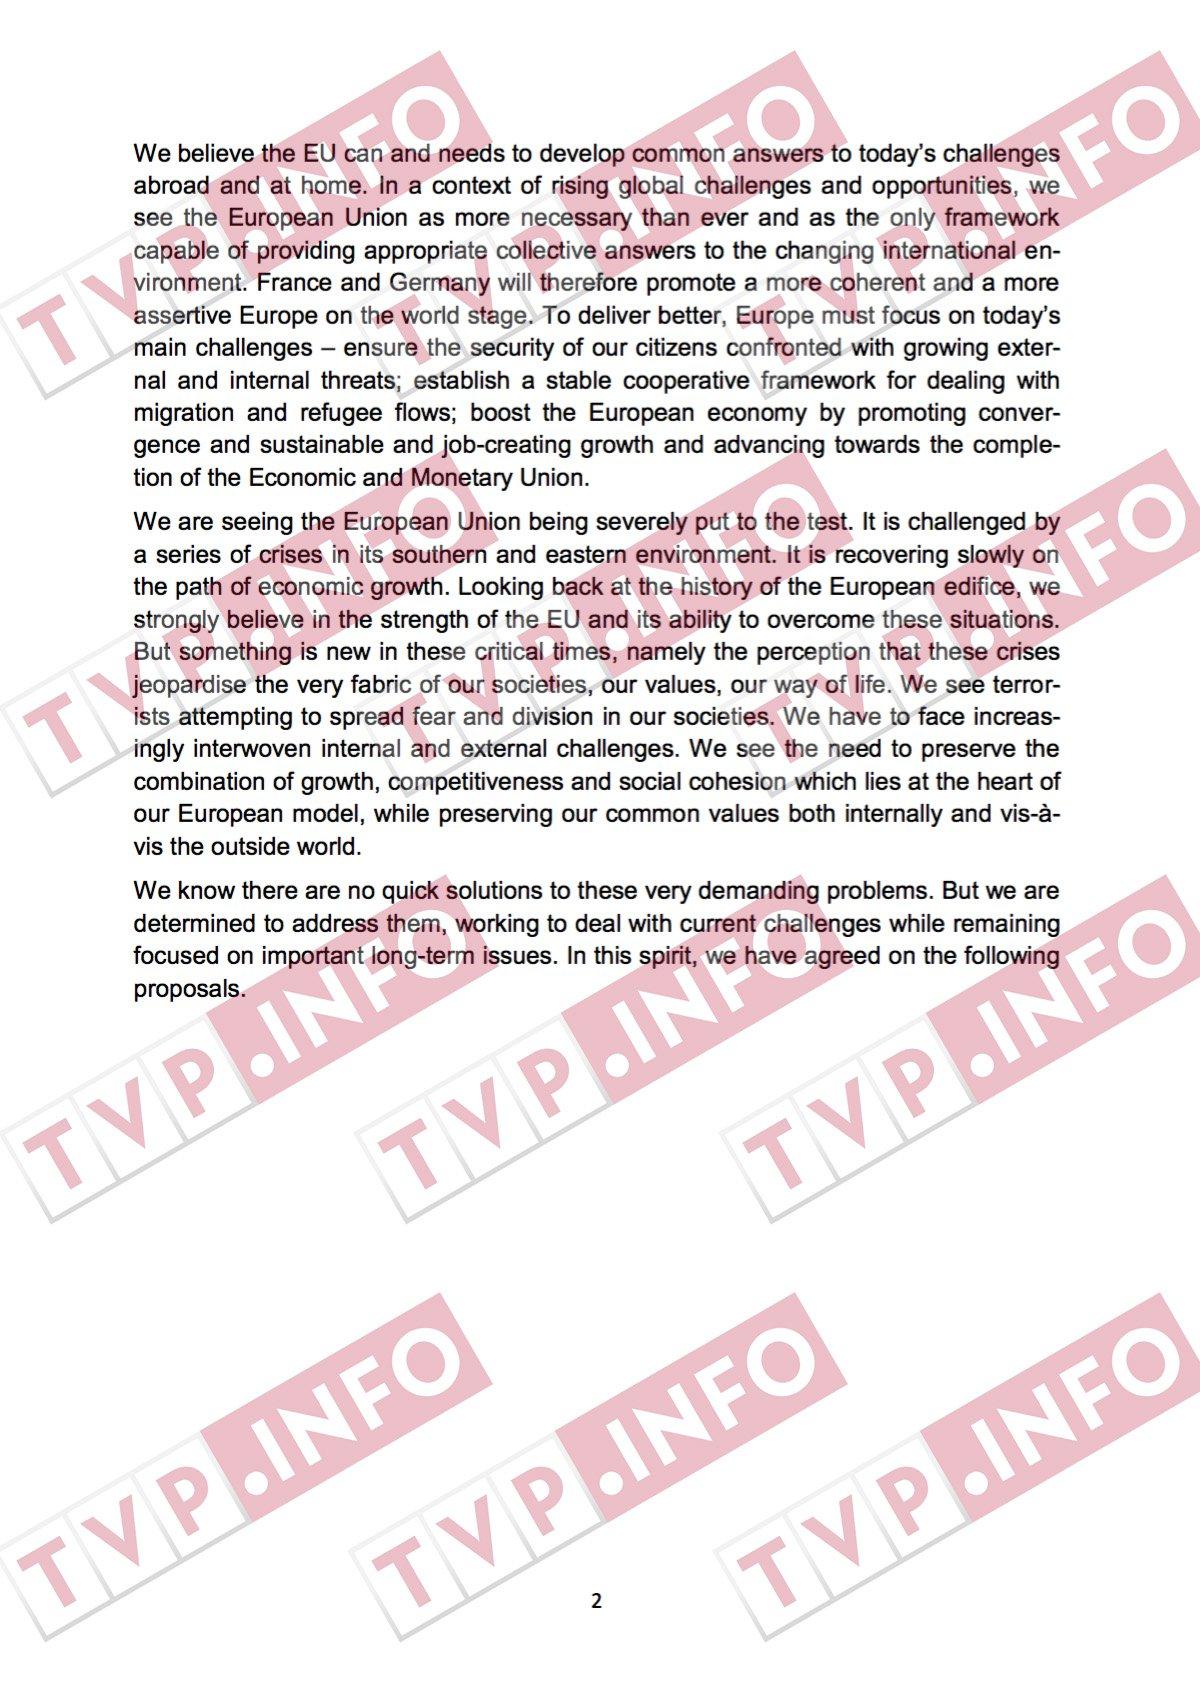 Geheimdokument-Europäischer-Superstaat-nimmt-Form-an-Kommentar-Oliver-Baron-GodmodeTrader.de-2